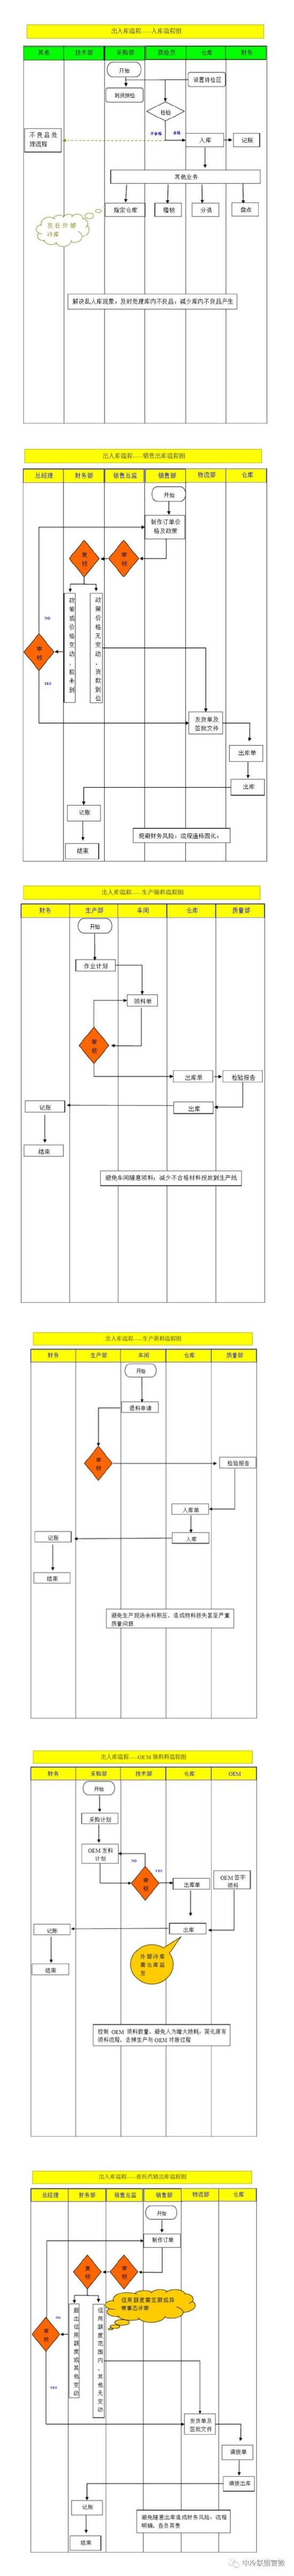 冷库工作流程图模板 冷库出库入库相关流程图汇总